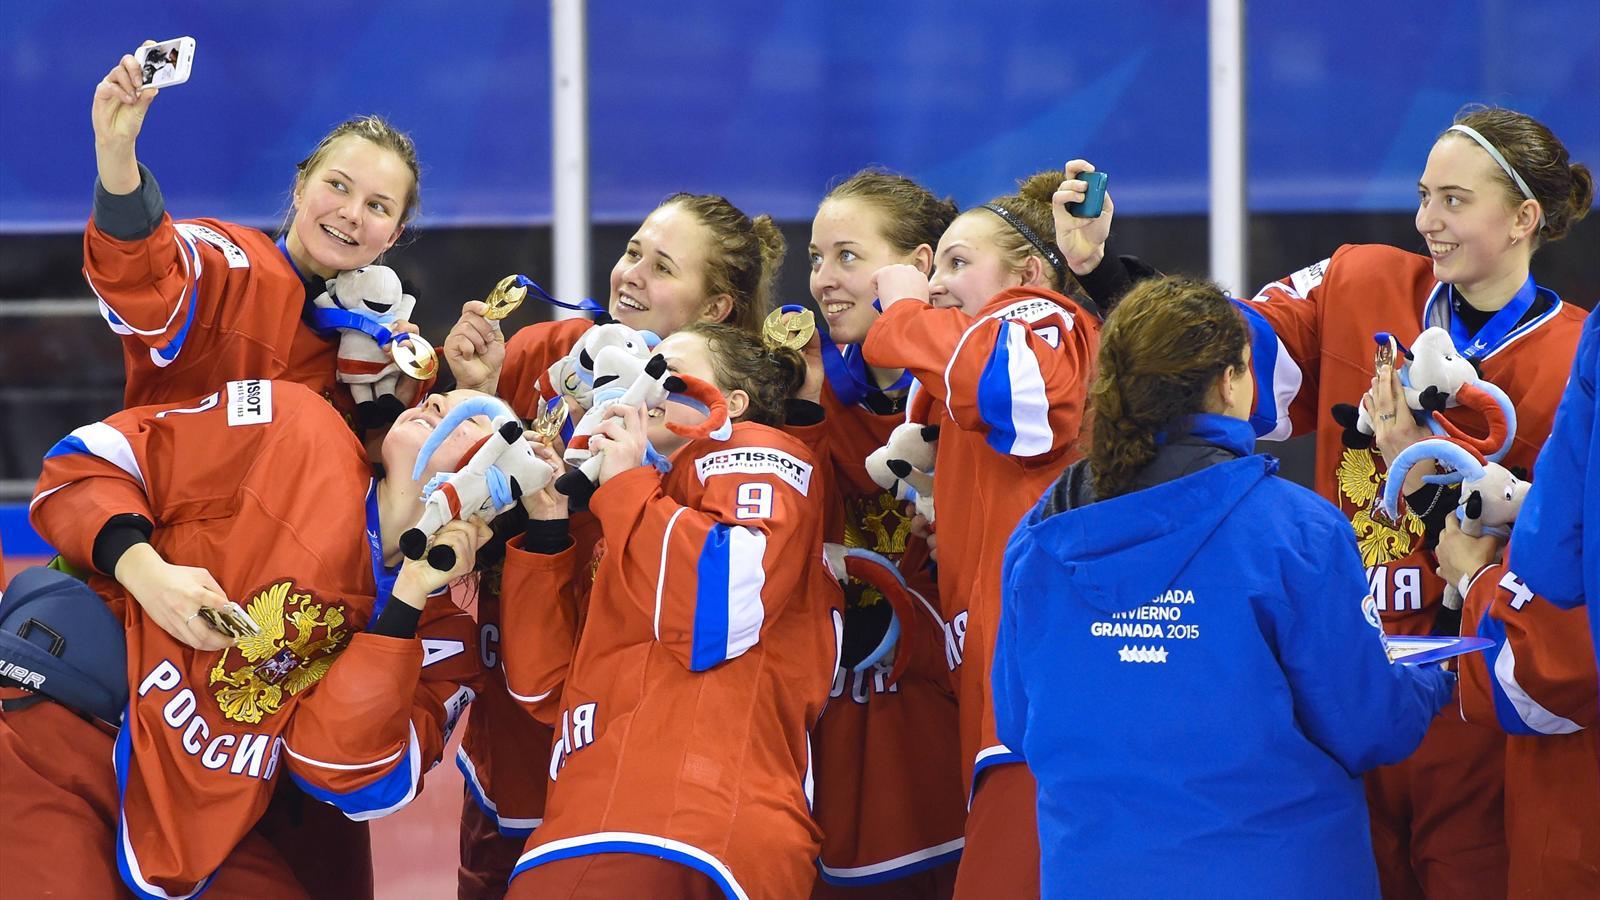 #5 в ижевске в ледовом дворце ижсталь завершился хоккейный турнир iii всероссийской зимней универсиады